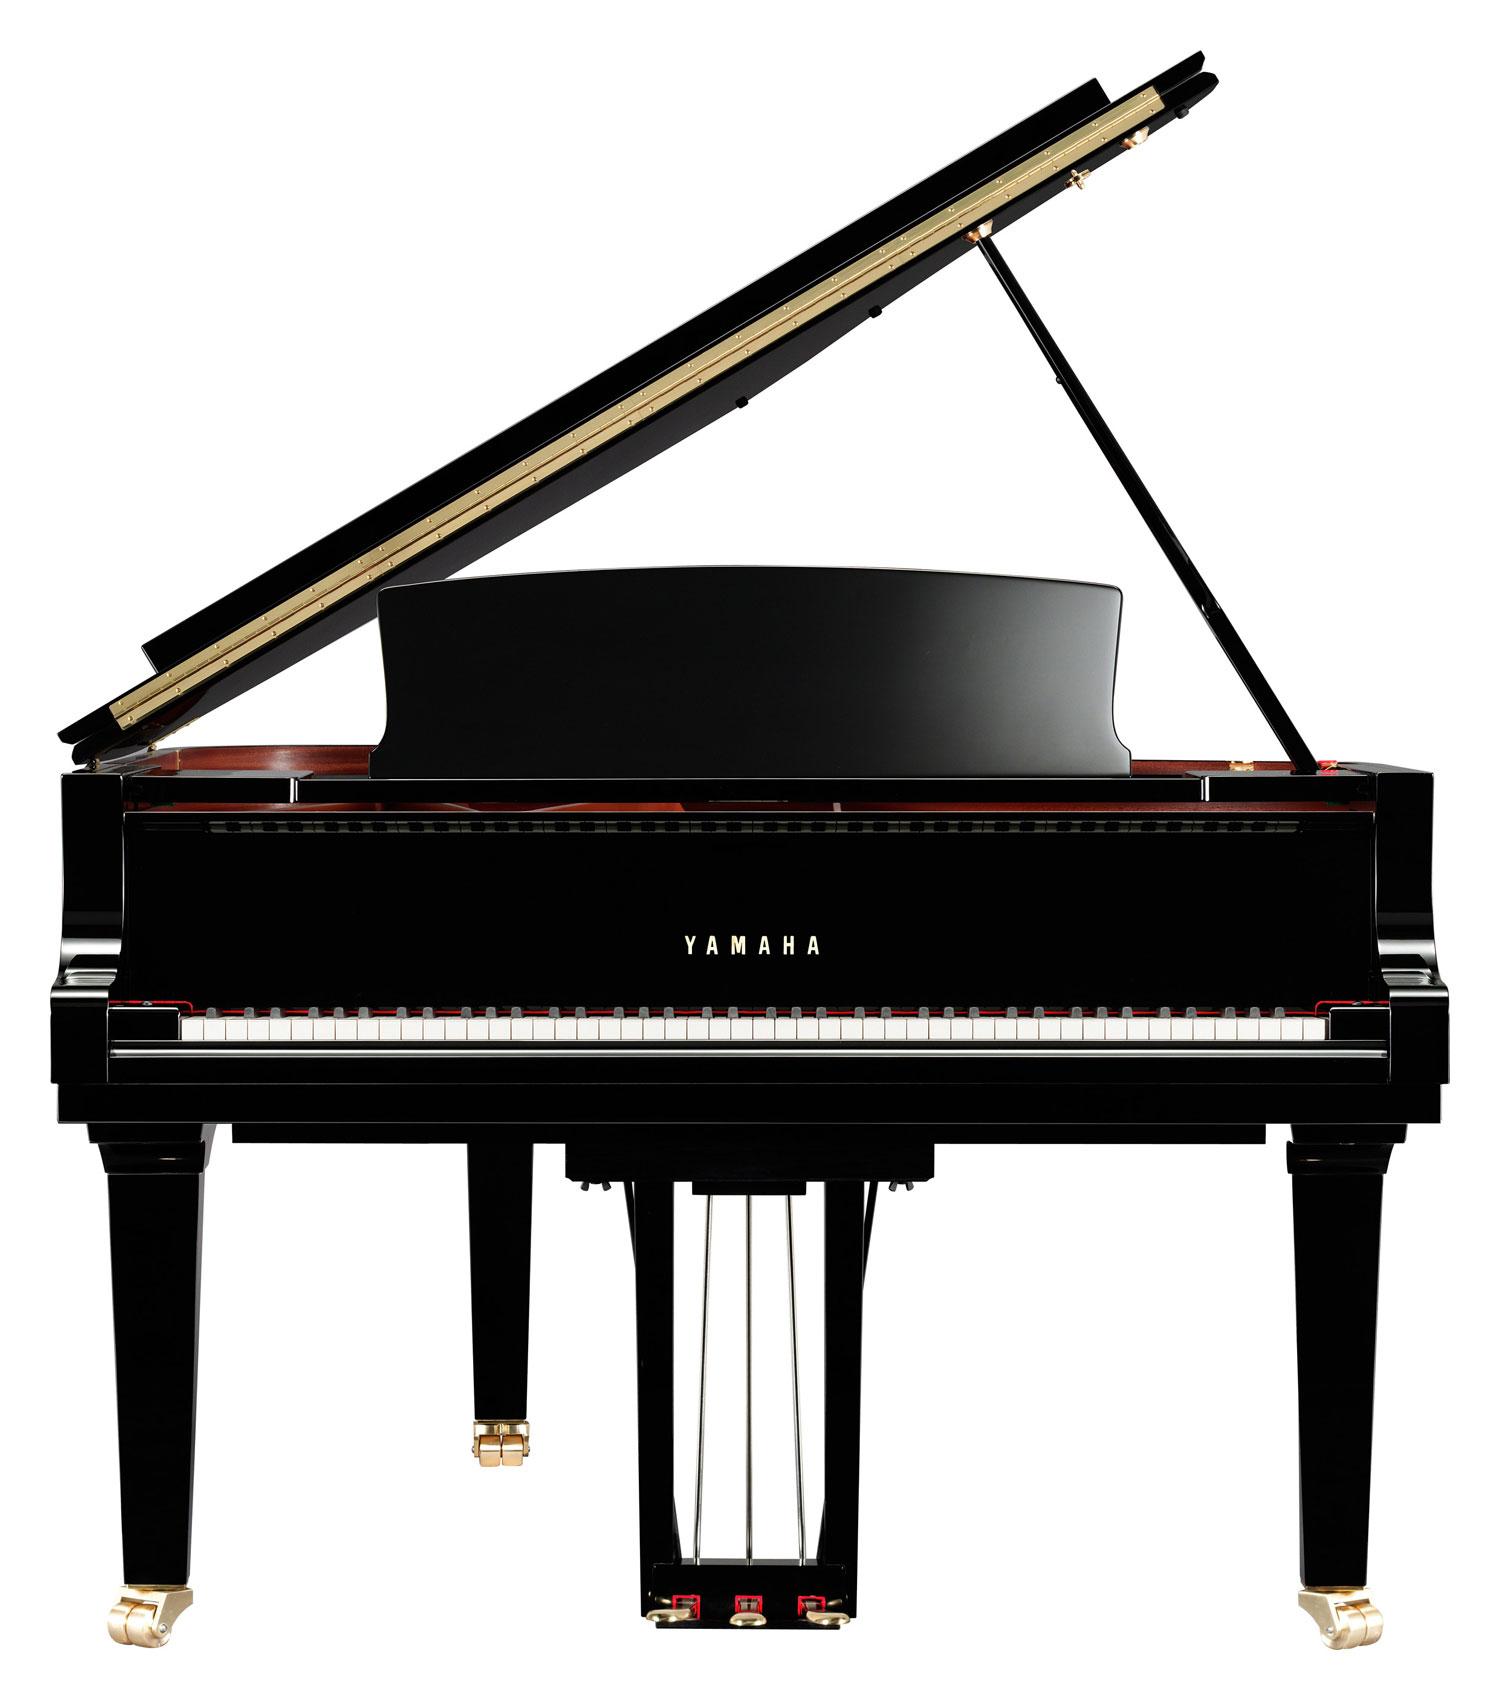 信阳大型雅马哈钢琴推荐_电子钢琴相关-洛阳誉声乐器有限责任公司